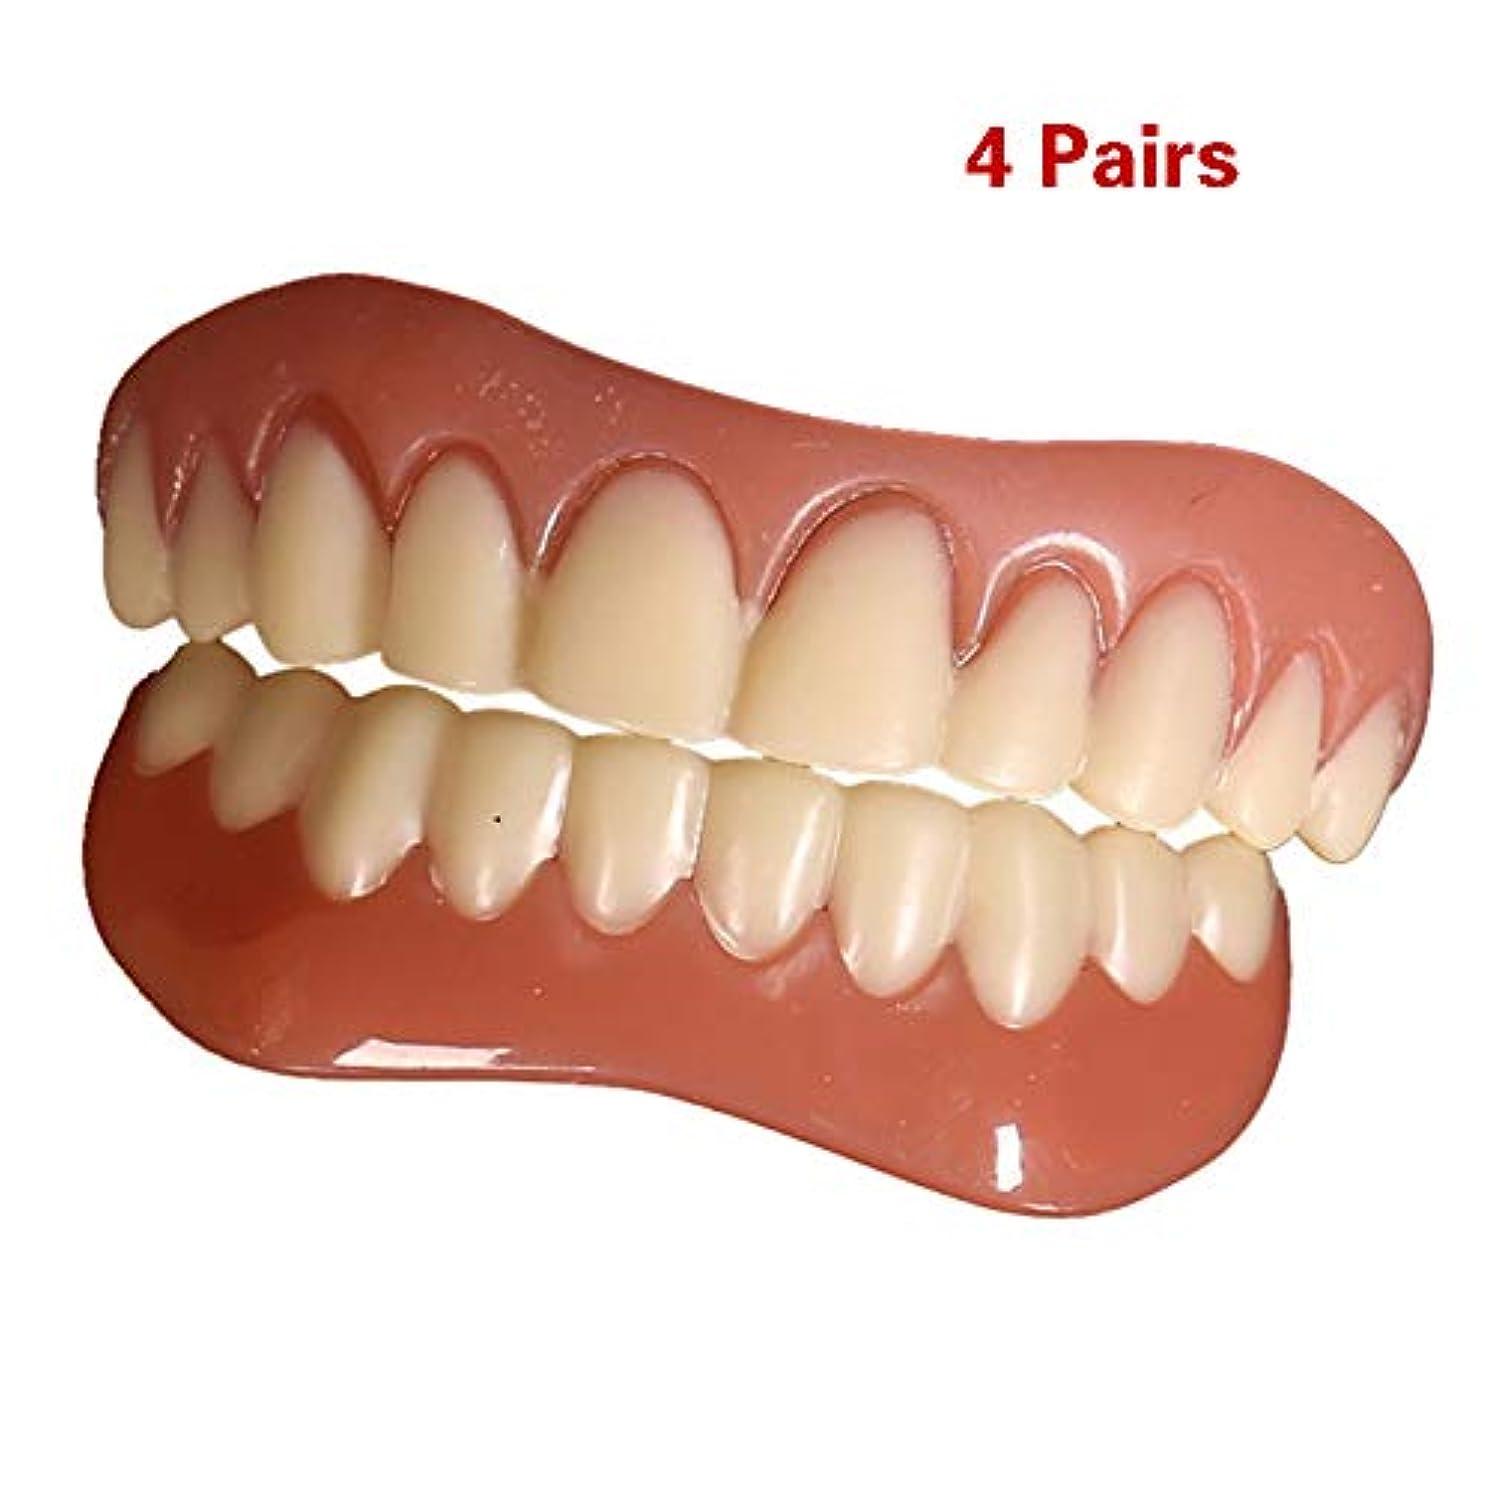 テント効能フィードシリコン歯突き板トップ歯とボトム歯ホワイトニングスナップパーフェクトスマイル歯偽歯カバーインスタント歯化粧品義歯ケアワンサイズフィットすべて